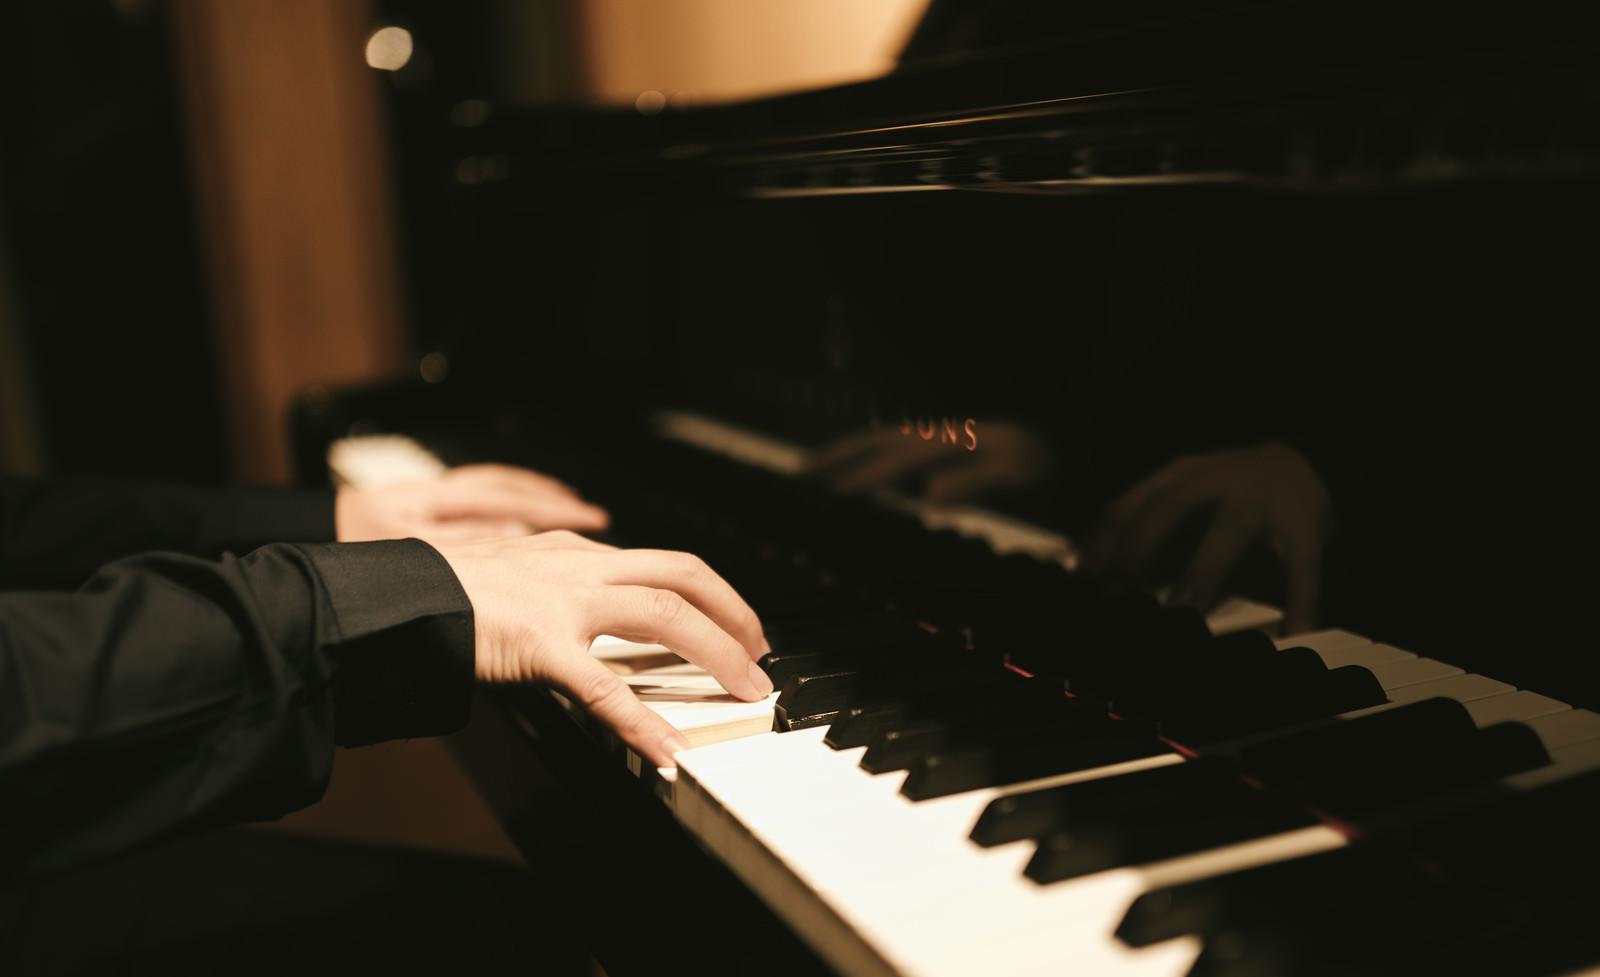 「ピアノを奏でるピアノを奏でる」のフリー写真素材を拡大